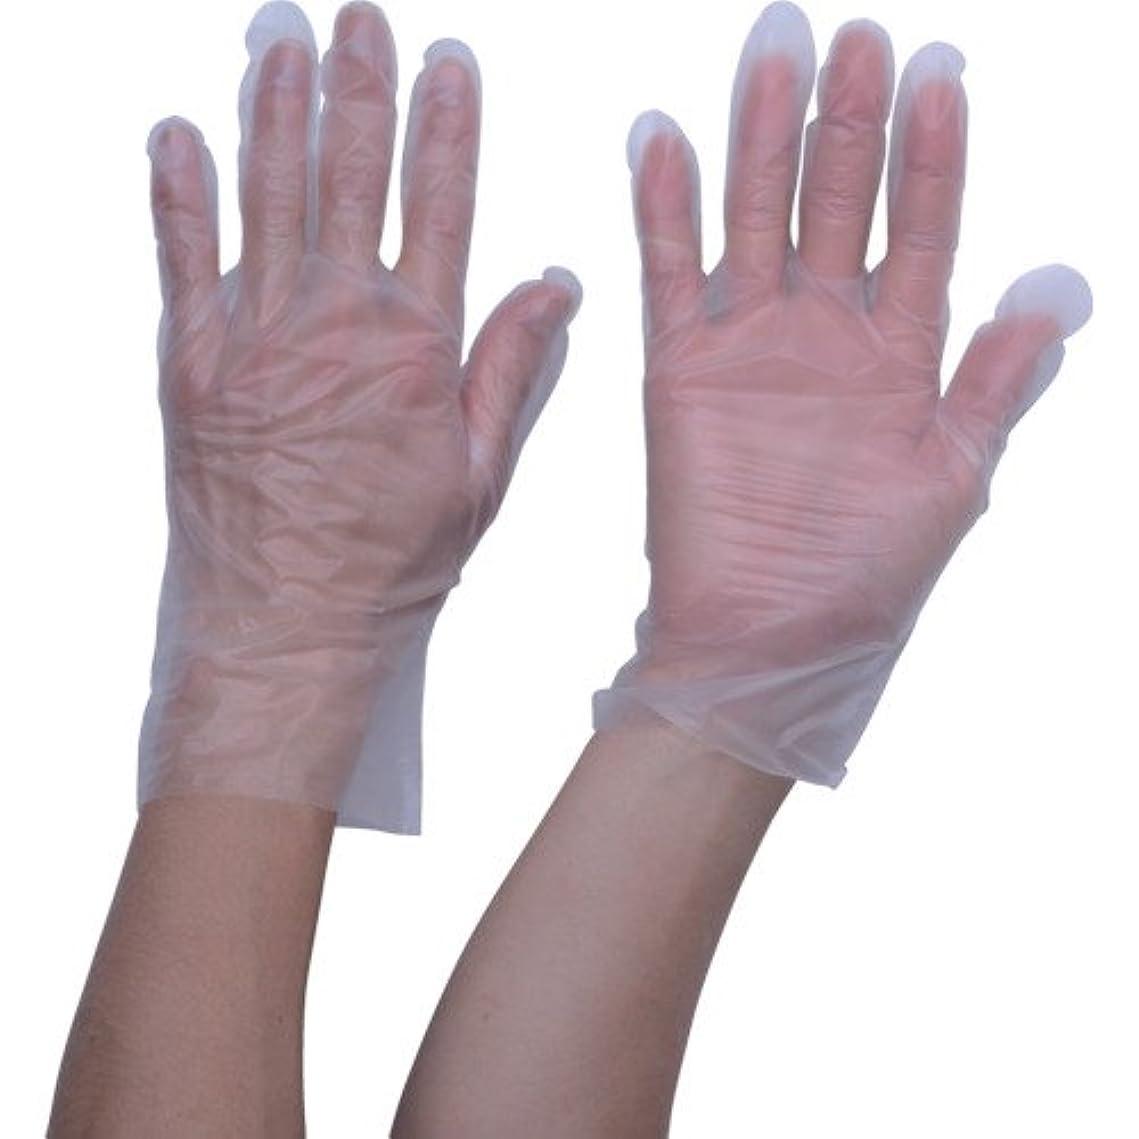 彼女の浸すなぜならTRUSCO ポリエチレン 使い捨て手袋 ウェーブカットタイプS (100枚入)(入数:100枚) TGCPE025S